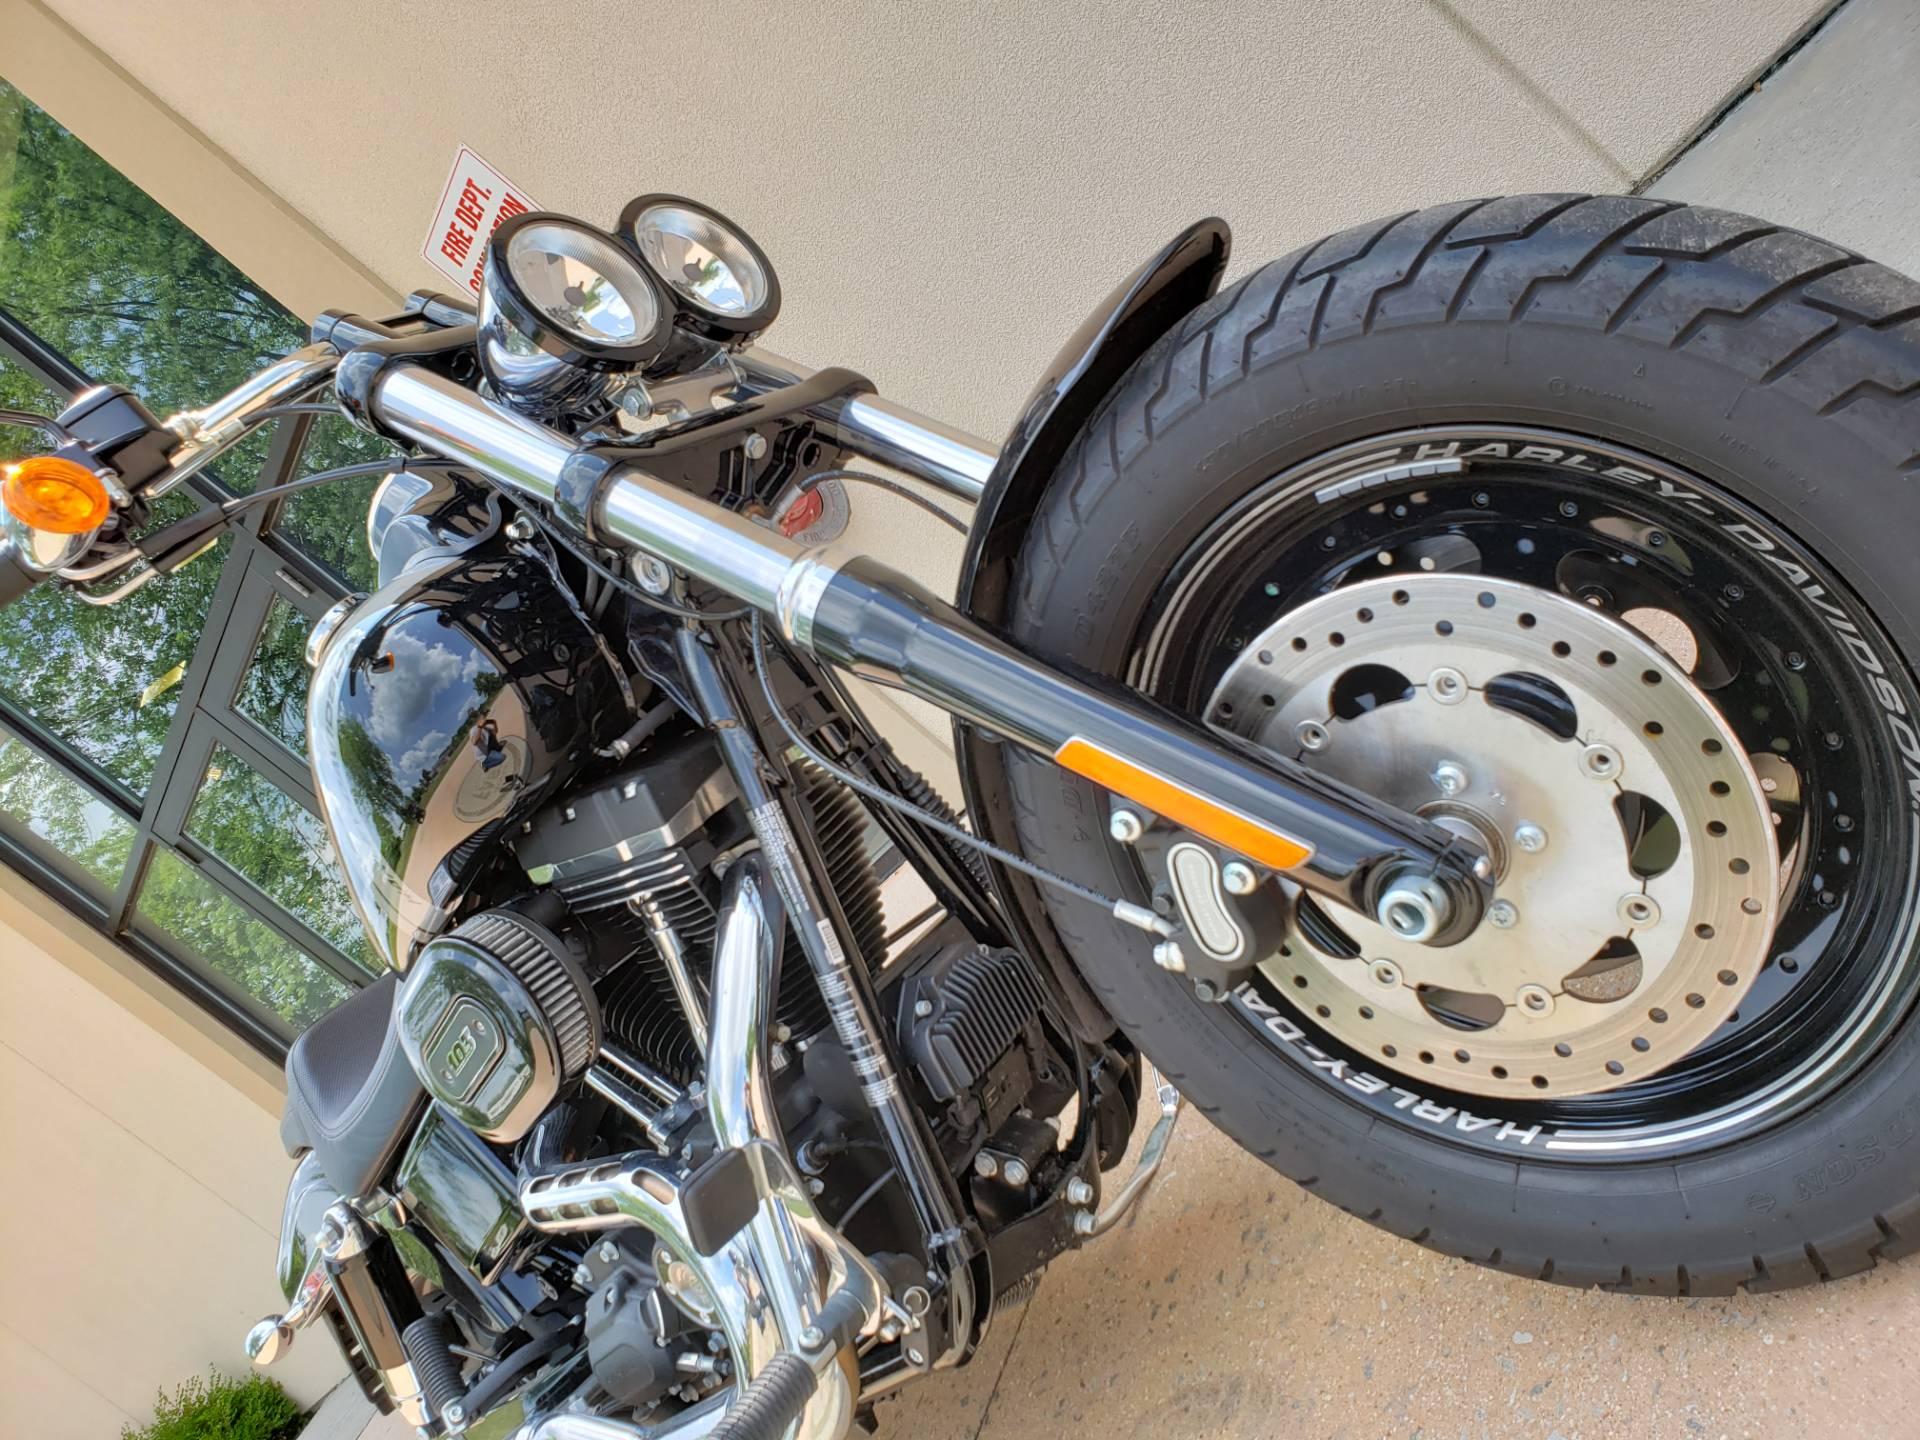 2017 Harley Davidson Dyan Fat Bob in Lebanon, New Jersey